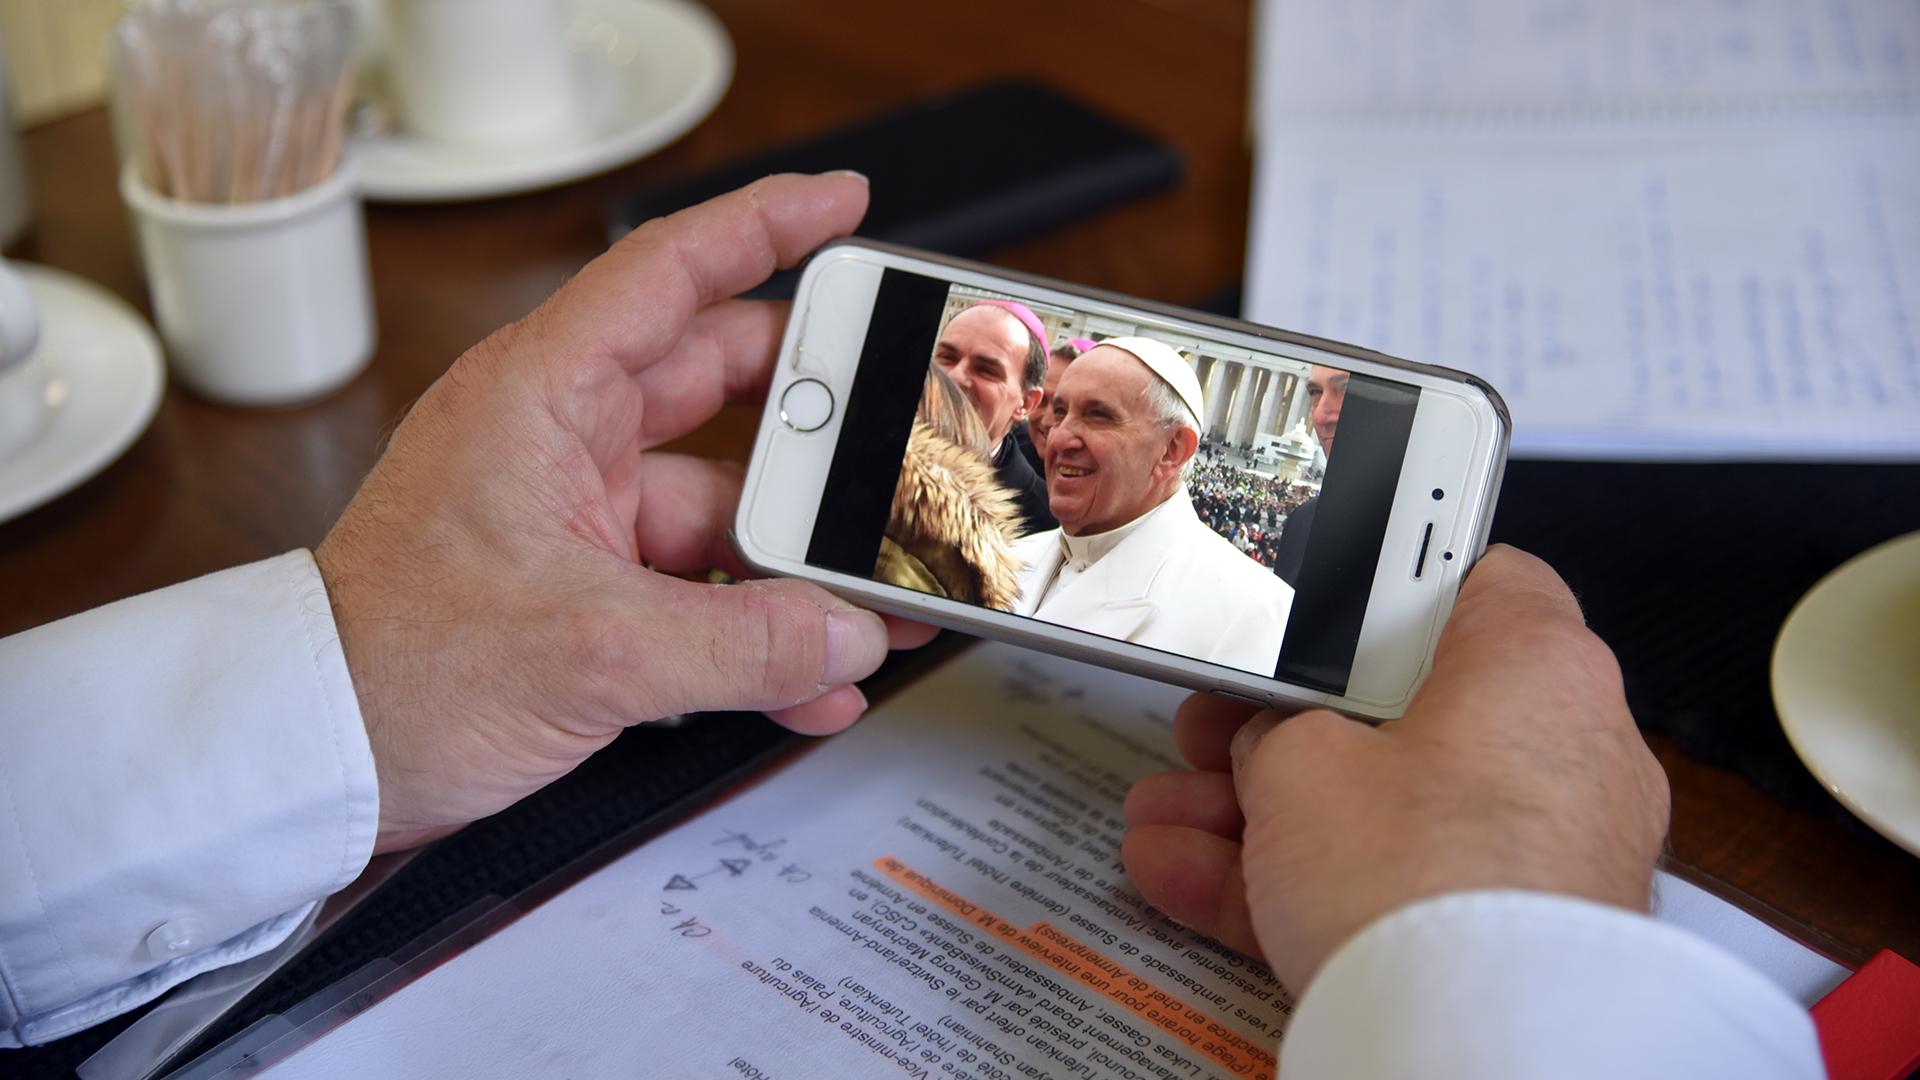 Dominique de Buman a rencontré le pape François en février 2016 à Rome (Photo: Pierre Pistoletti)